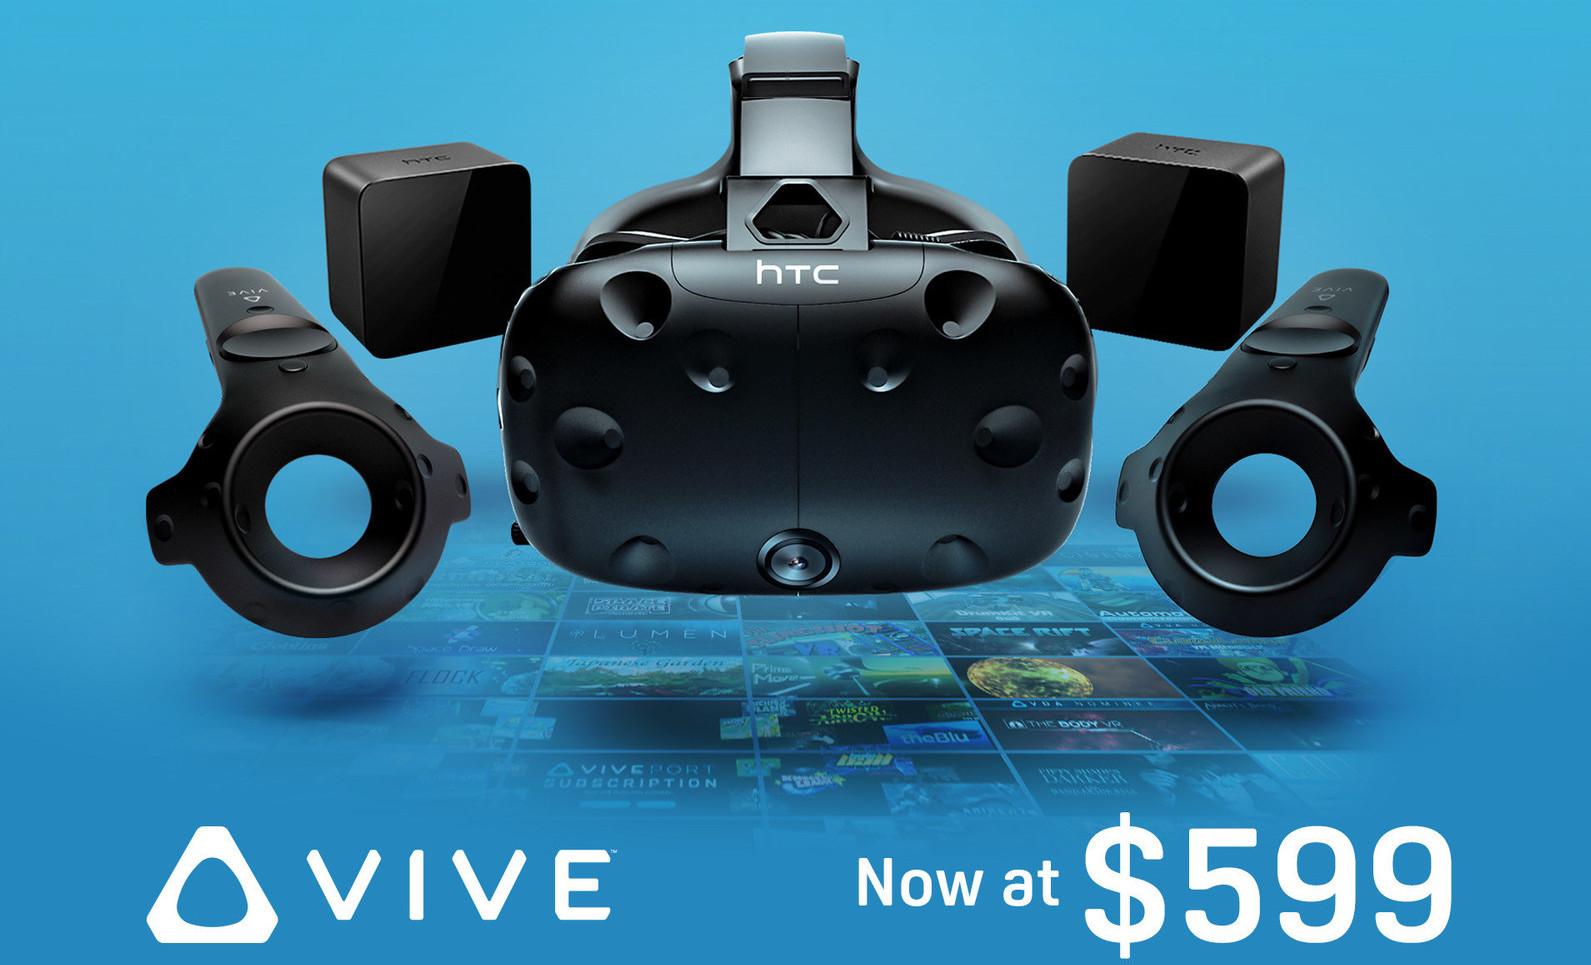 50f440ffc انها فترة تخفيض أسعار نظارات الواقع الافتراضي, فبعد إعلان فيسبوك عن عرض خاص  لبيع نظارة Oculus Rift HMD VR مع وحدات التحكم بسعر 400 دولار لفترة محدودة  حتى ...